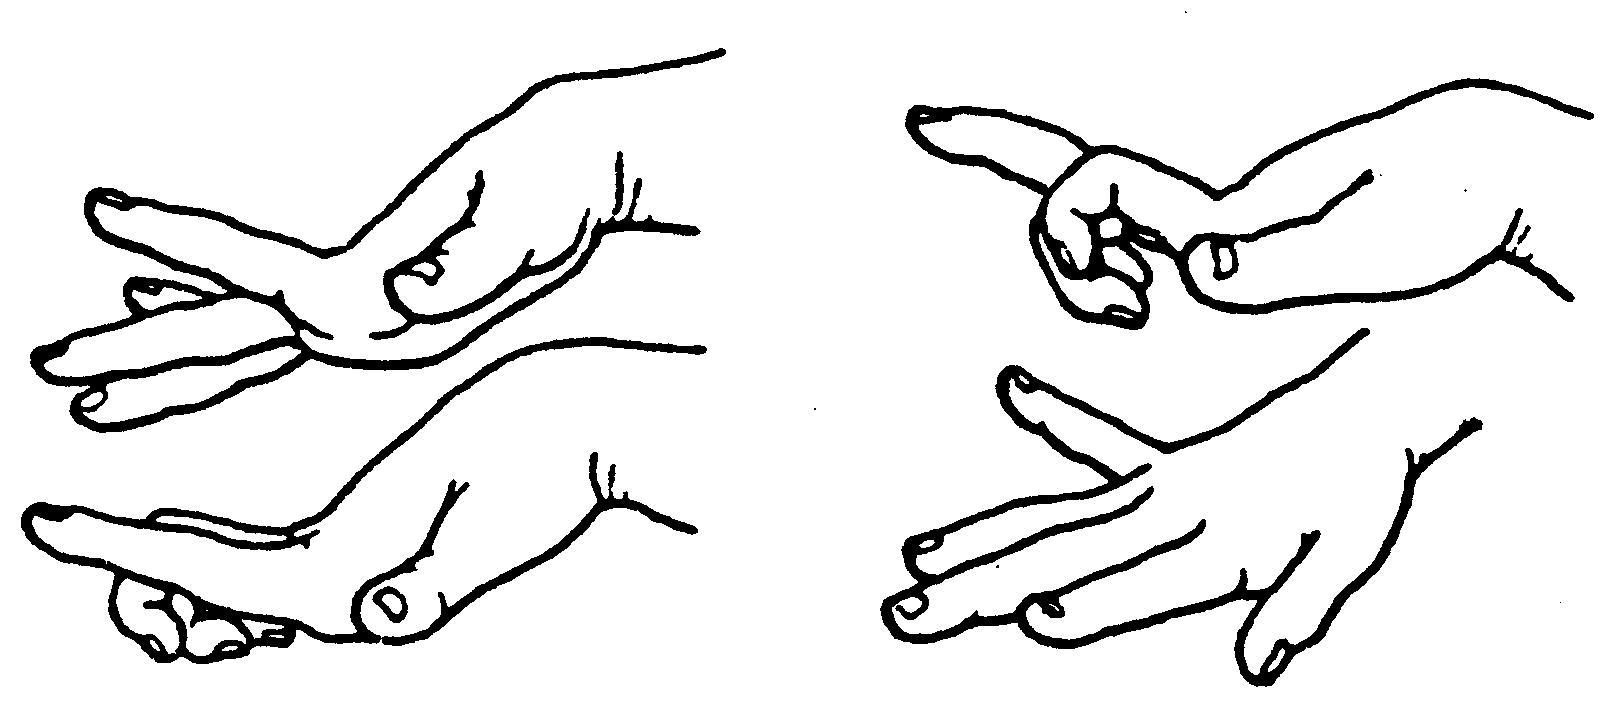 简笔画 设计 矢量 矢量图 手绘 素材 线稿 1624_715